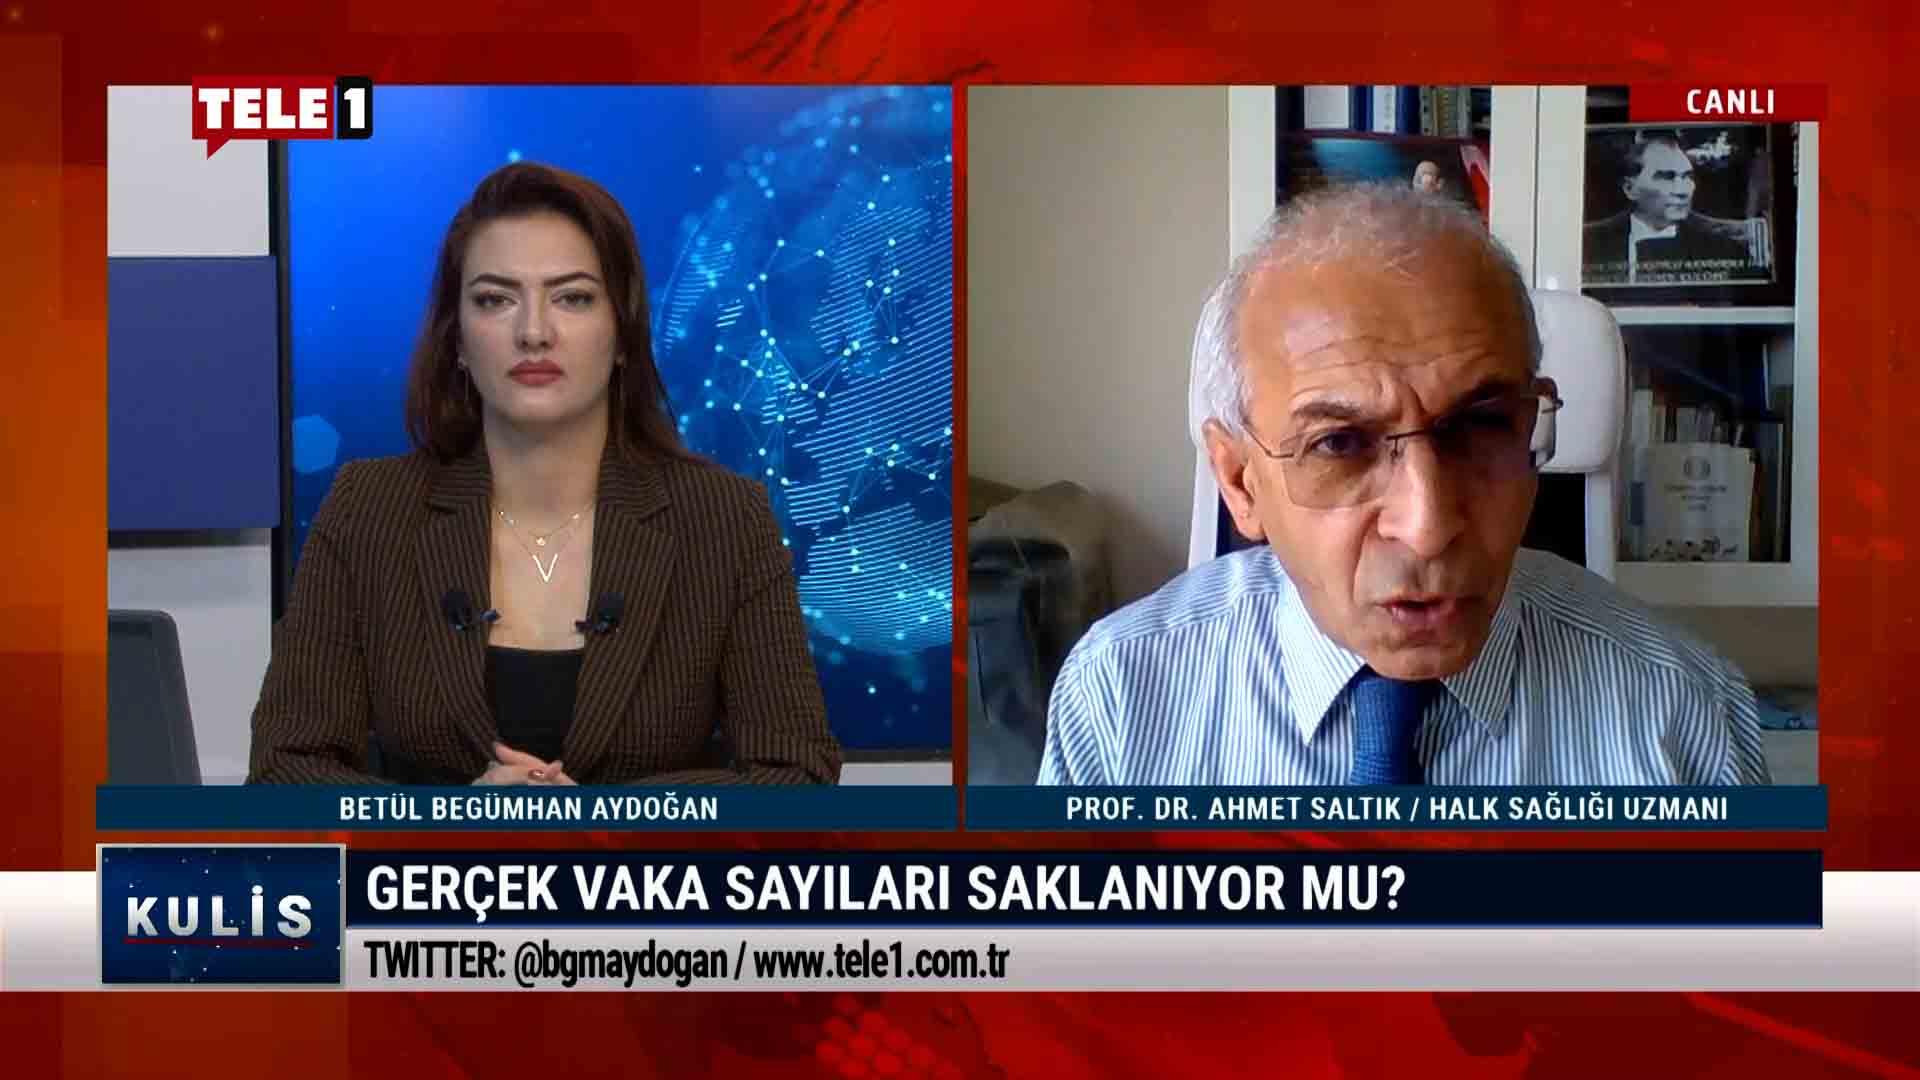 Halk Sağlığı Uzmanı Prof. Dr. Ahmet Saltık: İstifa hakkı kaldırılamaz – KULİS